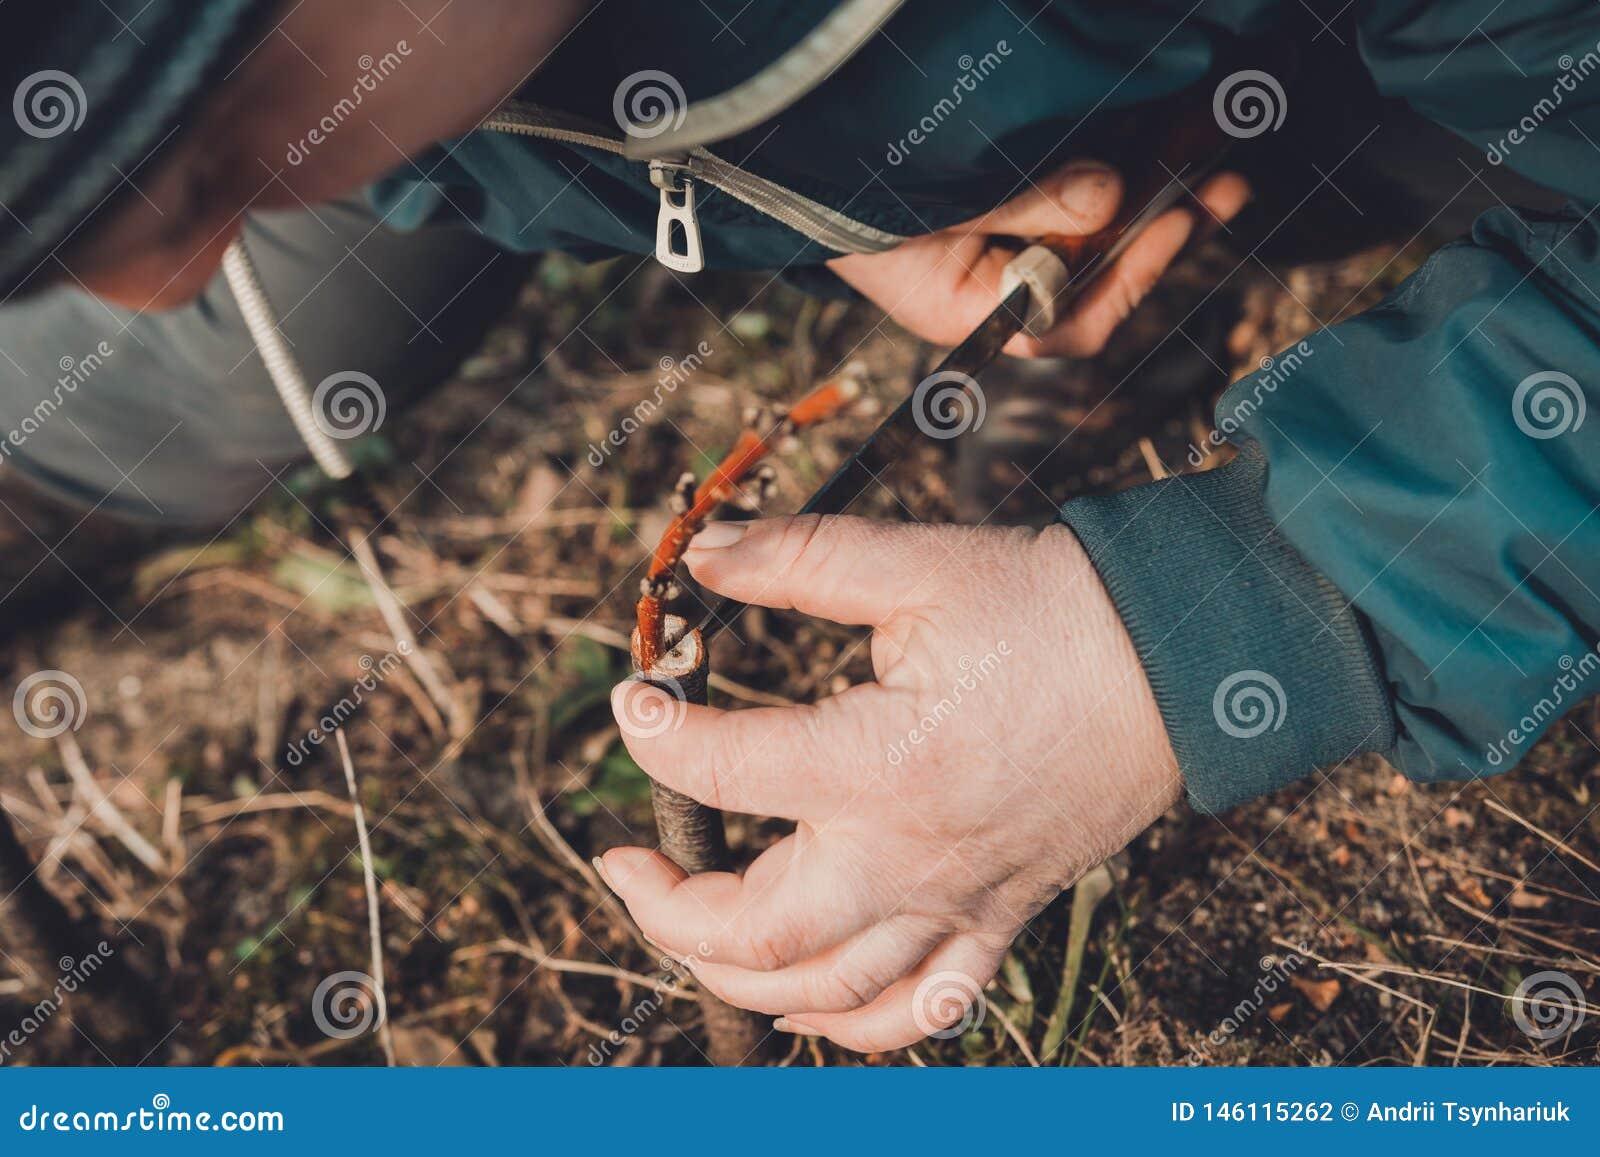 Uma mulher faz uma ?rvore de fruto no jardim e une um galho novo